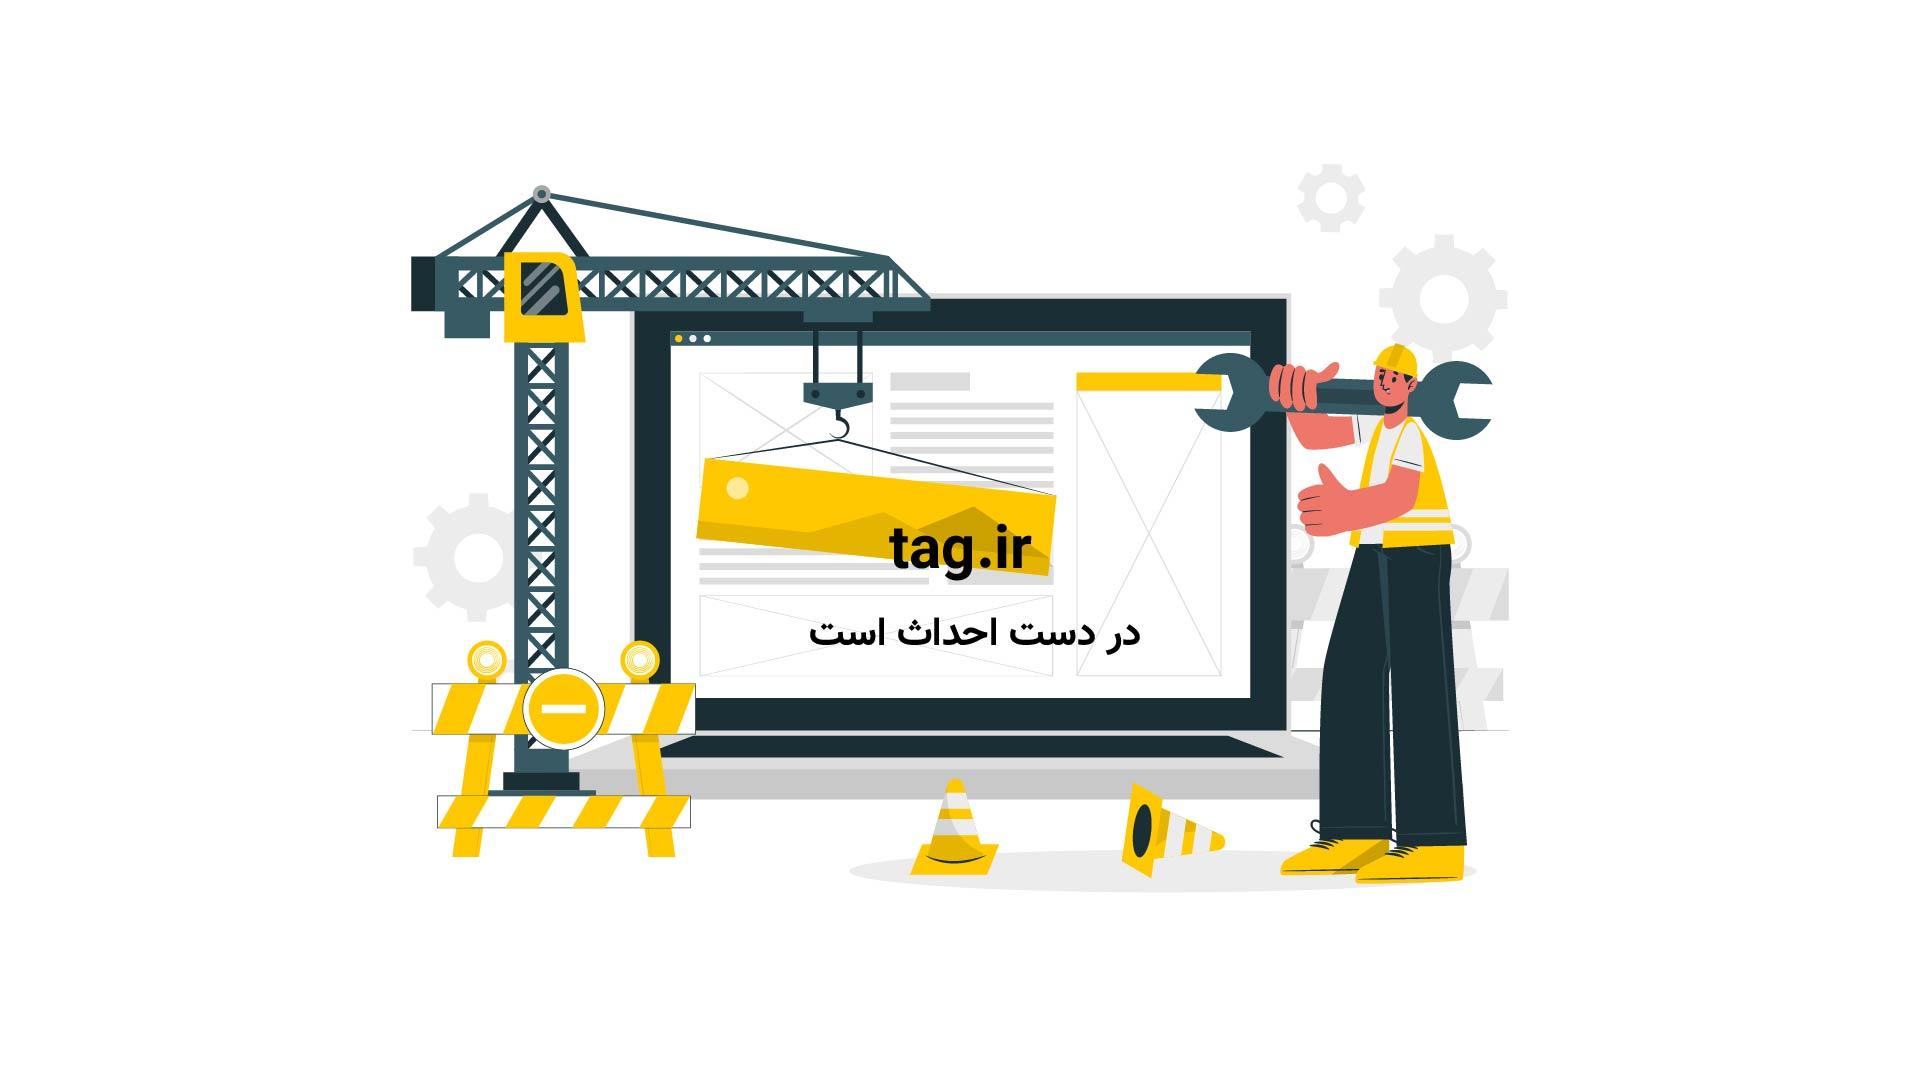 تزیین گلدان با استفاده از کش | تگ